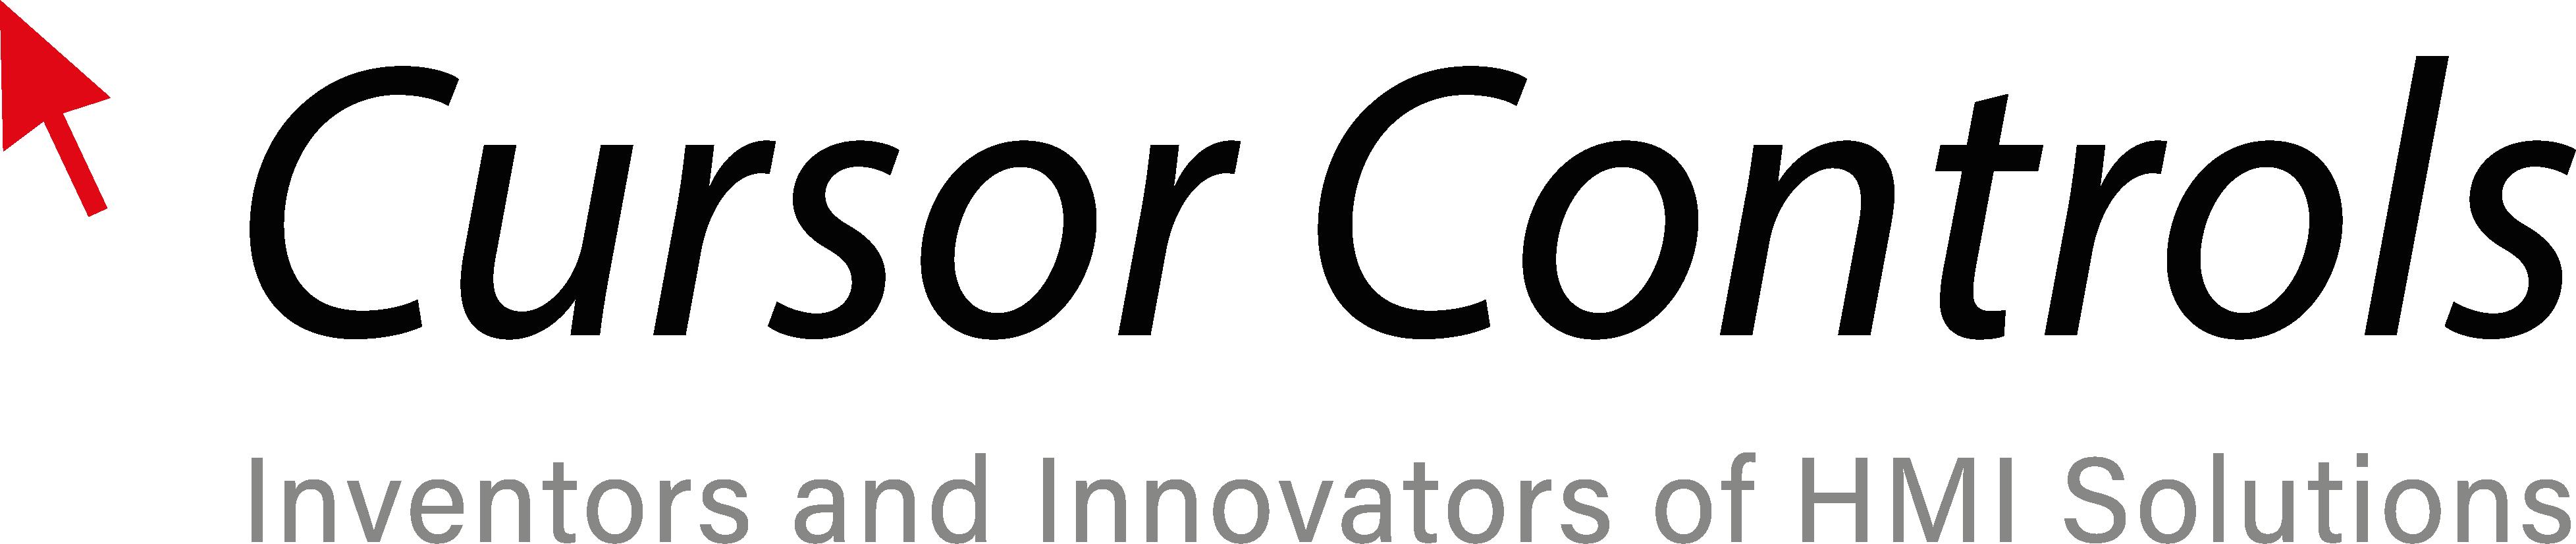 Cursor Controls logo